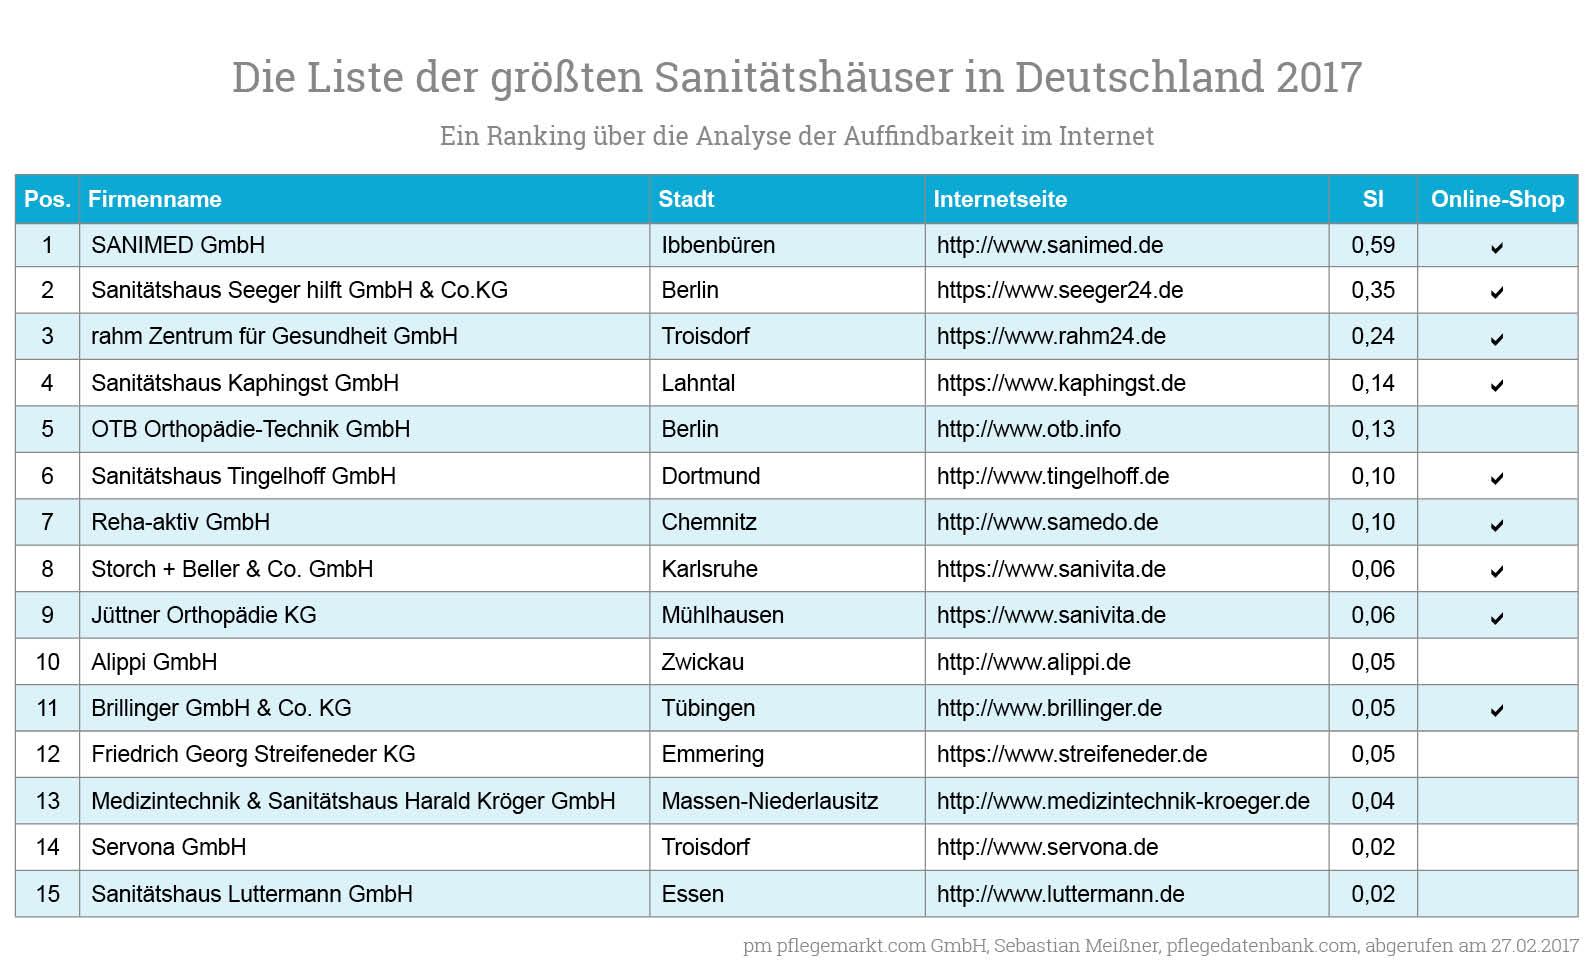 die gr ten sanit tsh user in deutschland ranking ber die auffindbarkeit im internet. Black Bedroom Furniture Sets. Home Design Ideas